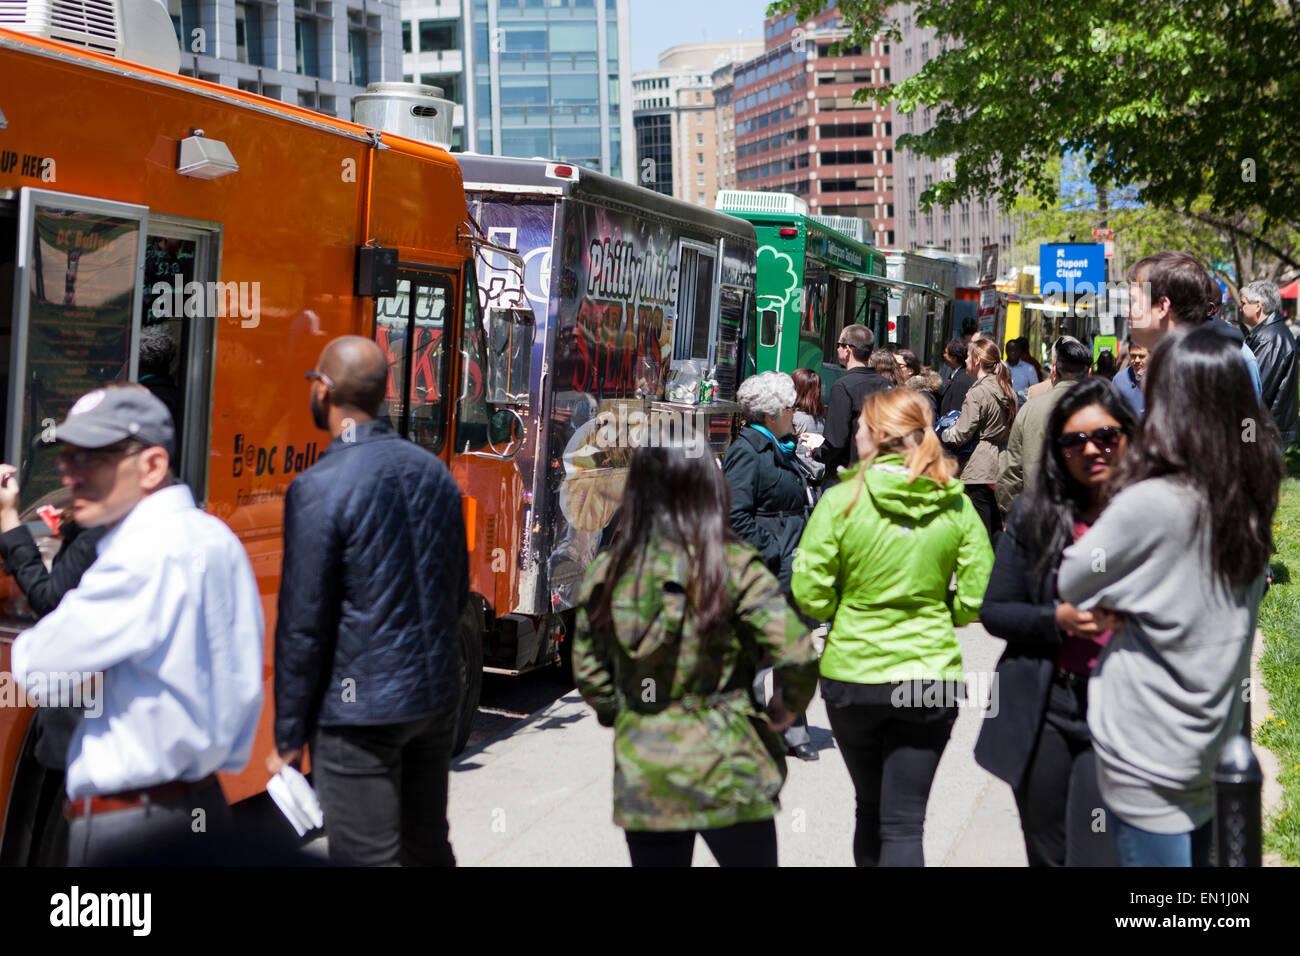 Imbisswagen Line-up auf einer städtischen Straße - Washington, DC USA Stockbild